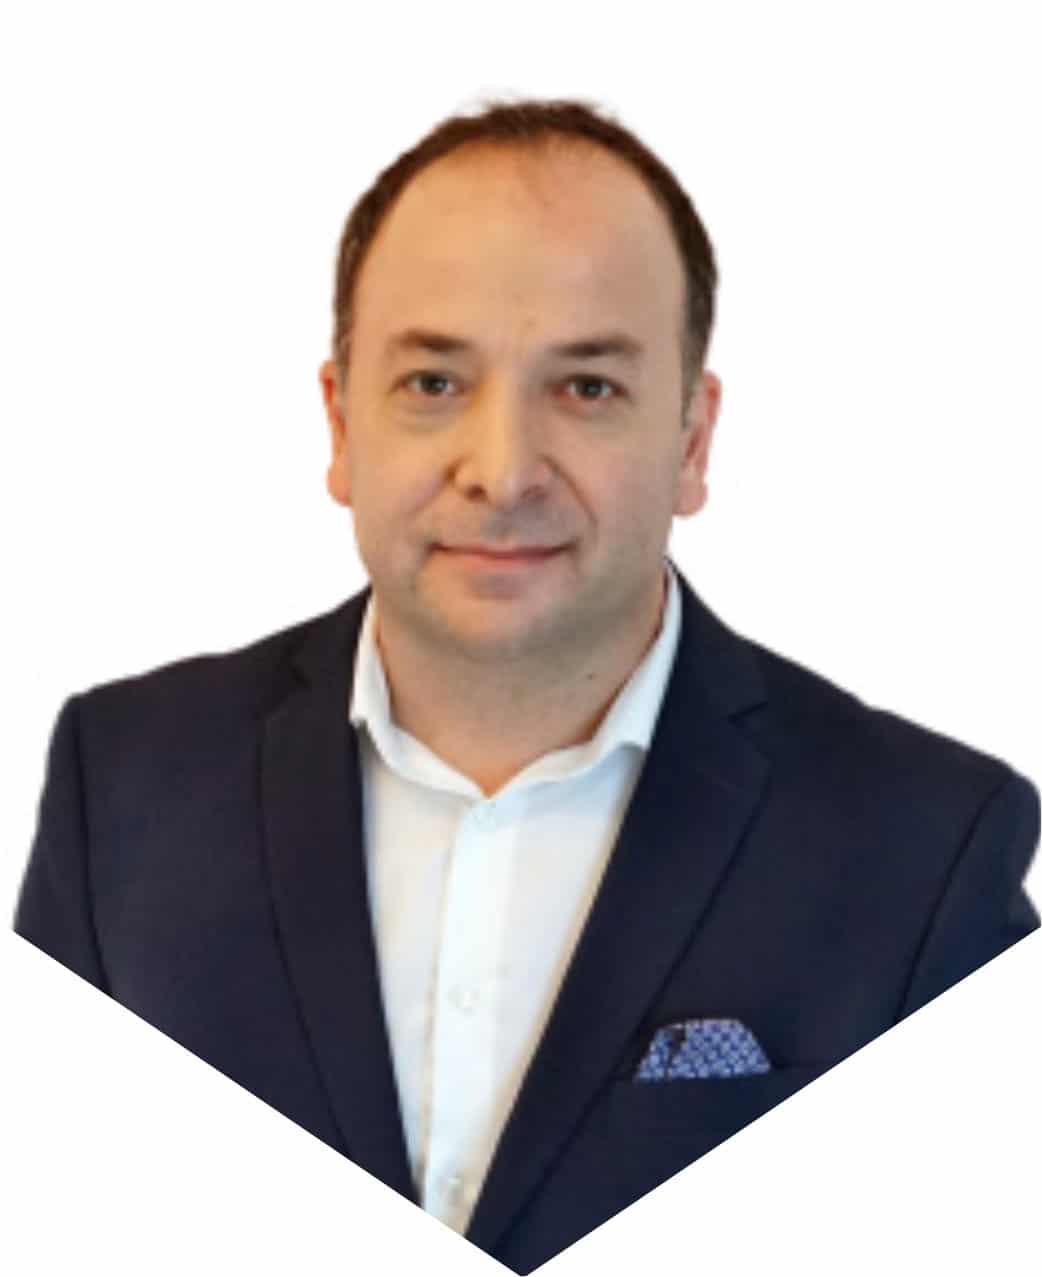 Adrian Negrescu